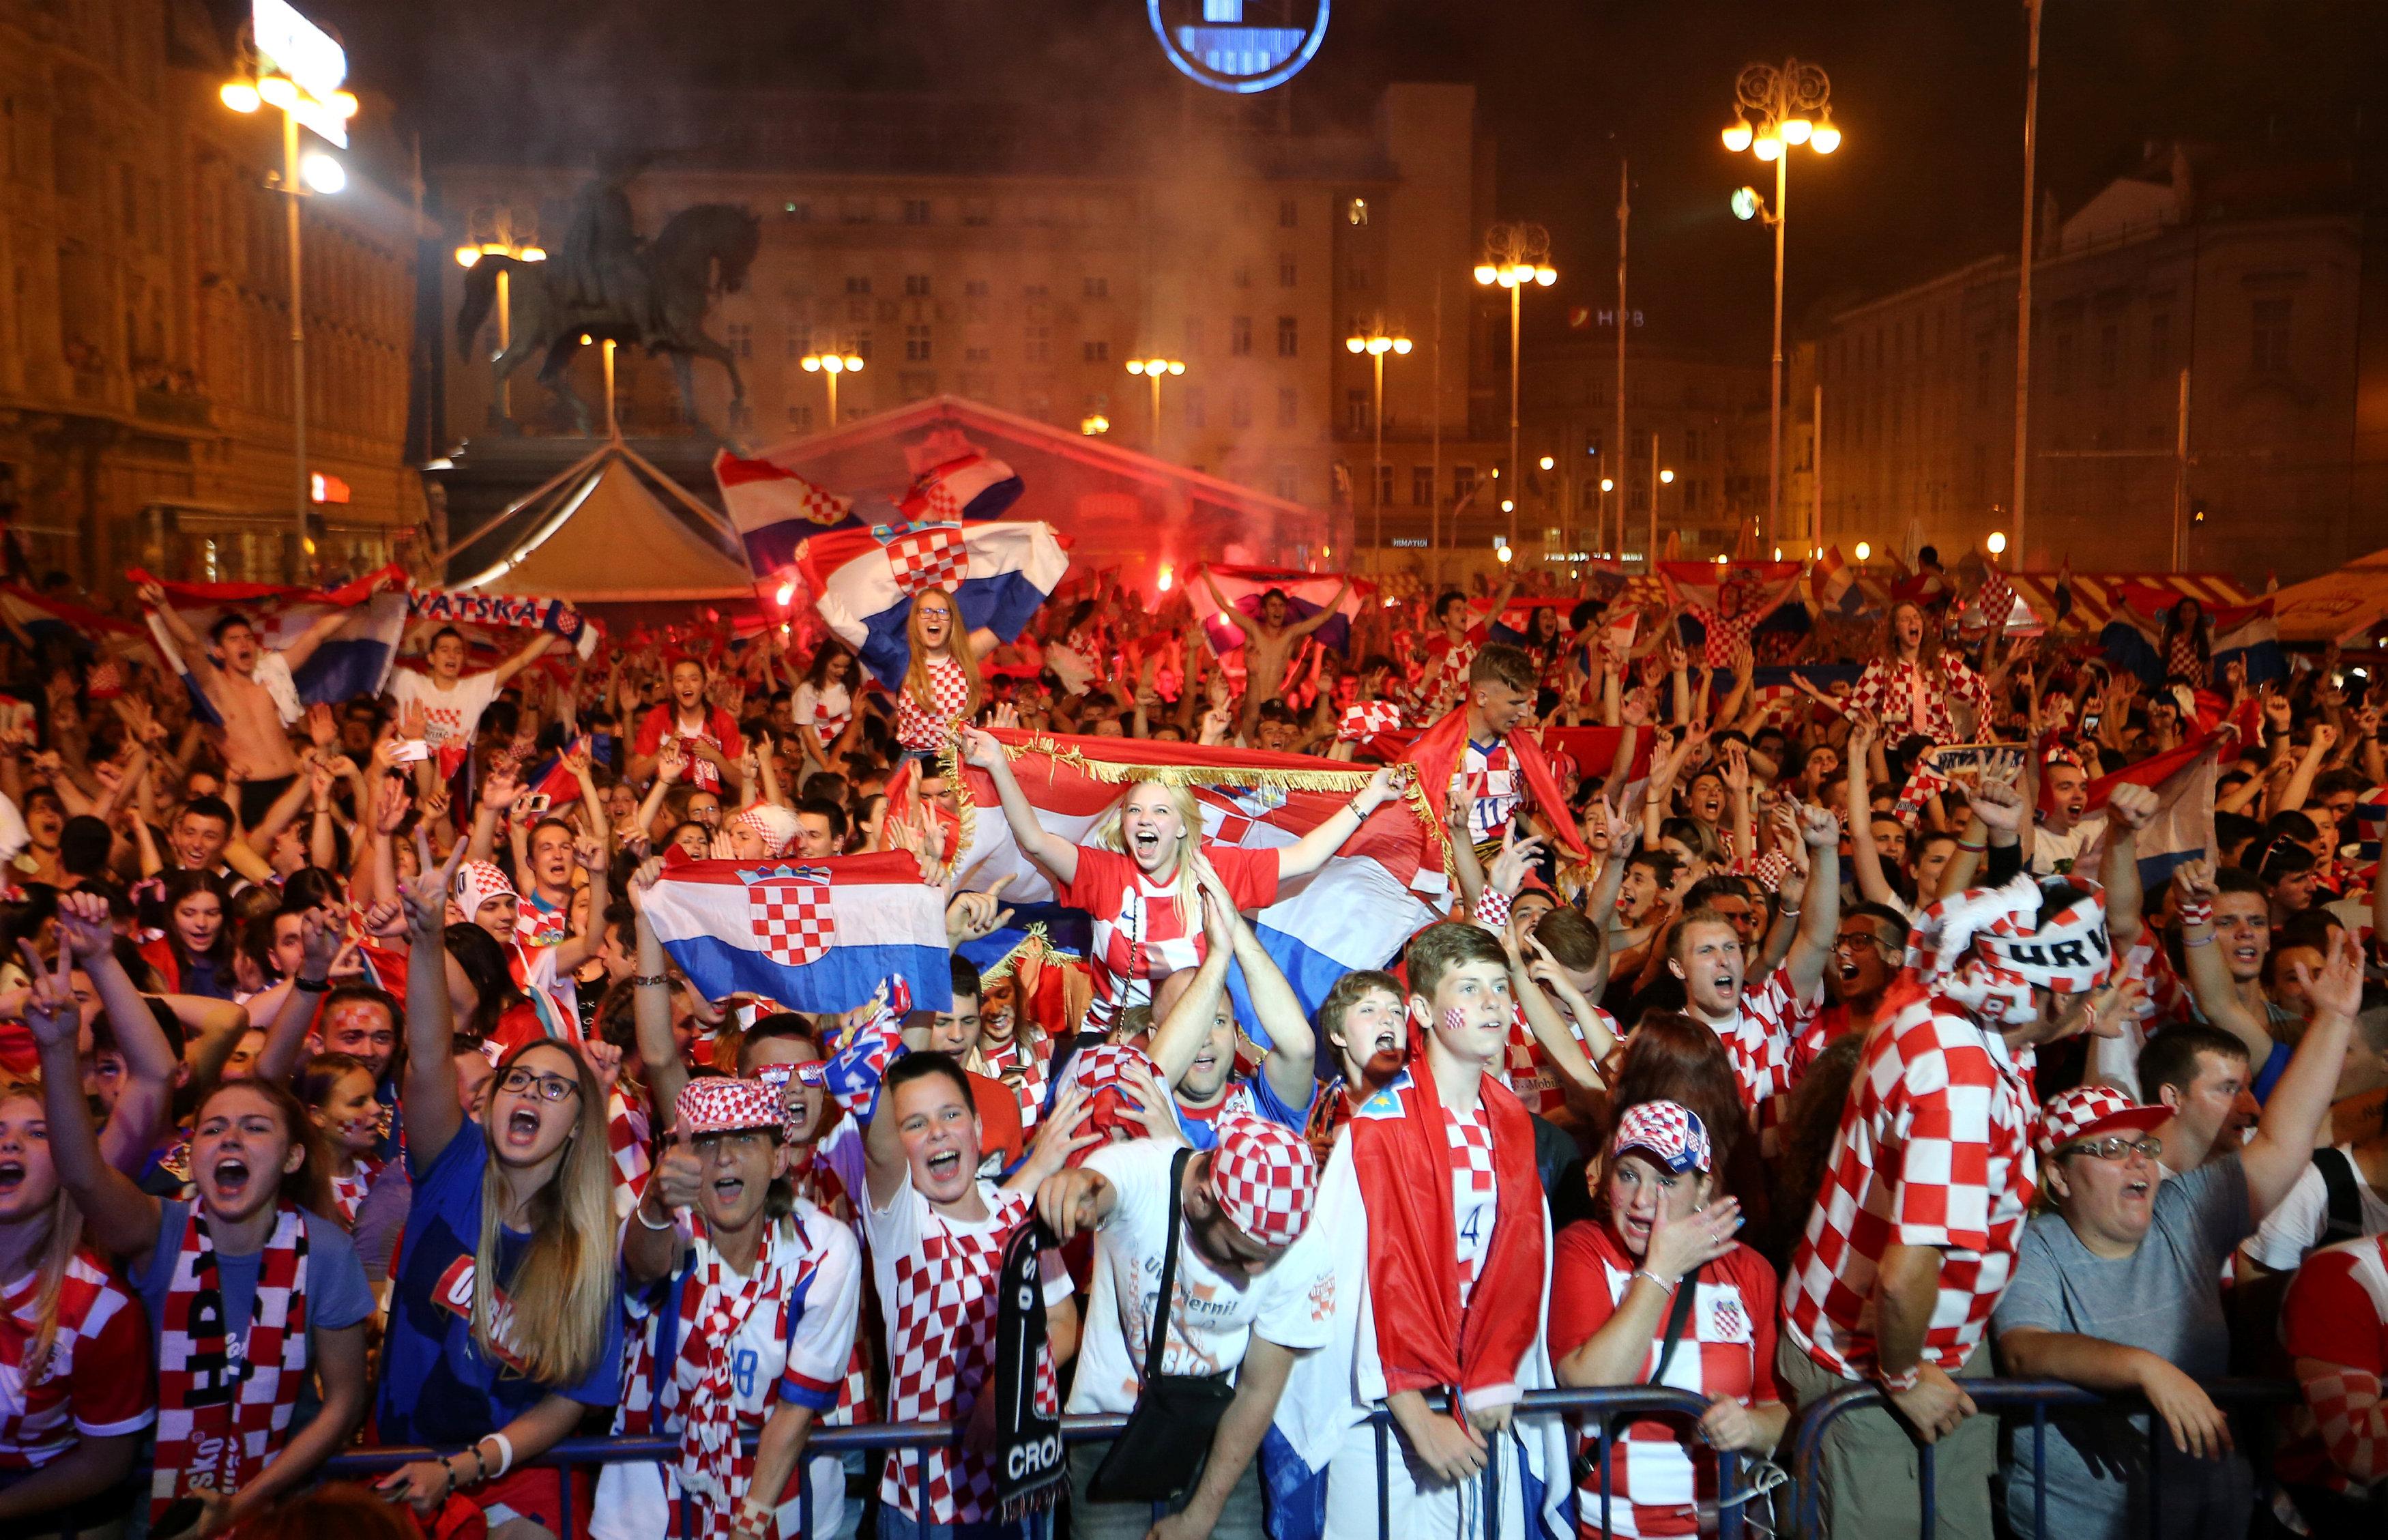 احتفالات منتخب كرواتيا بعد التأهل لنصف نهائي مونديال 2018 (2)